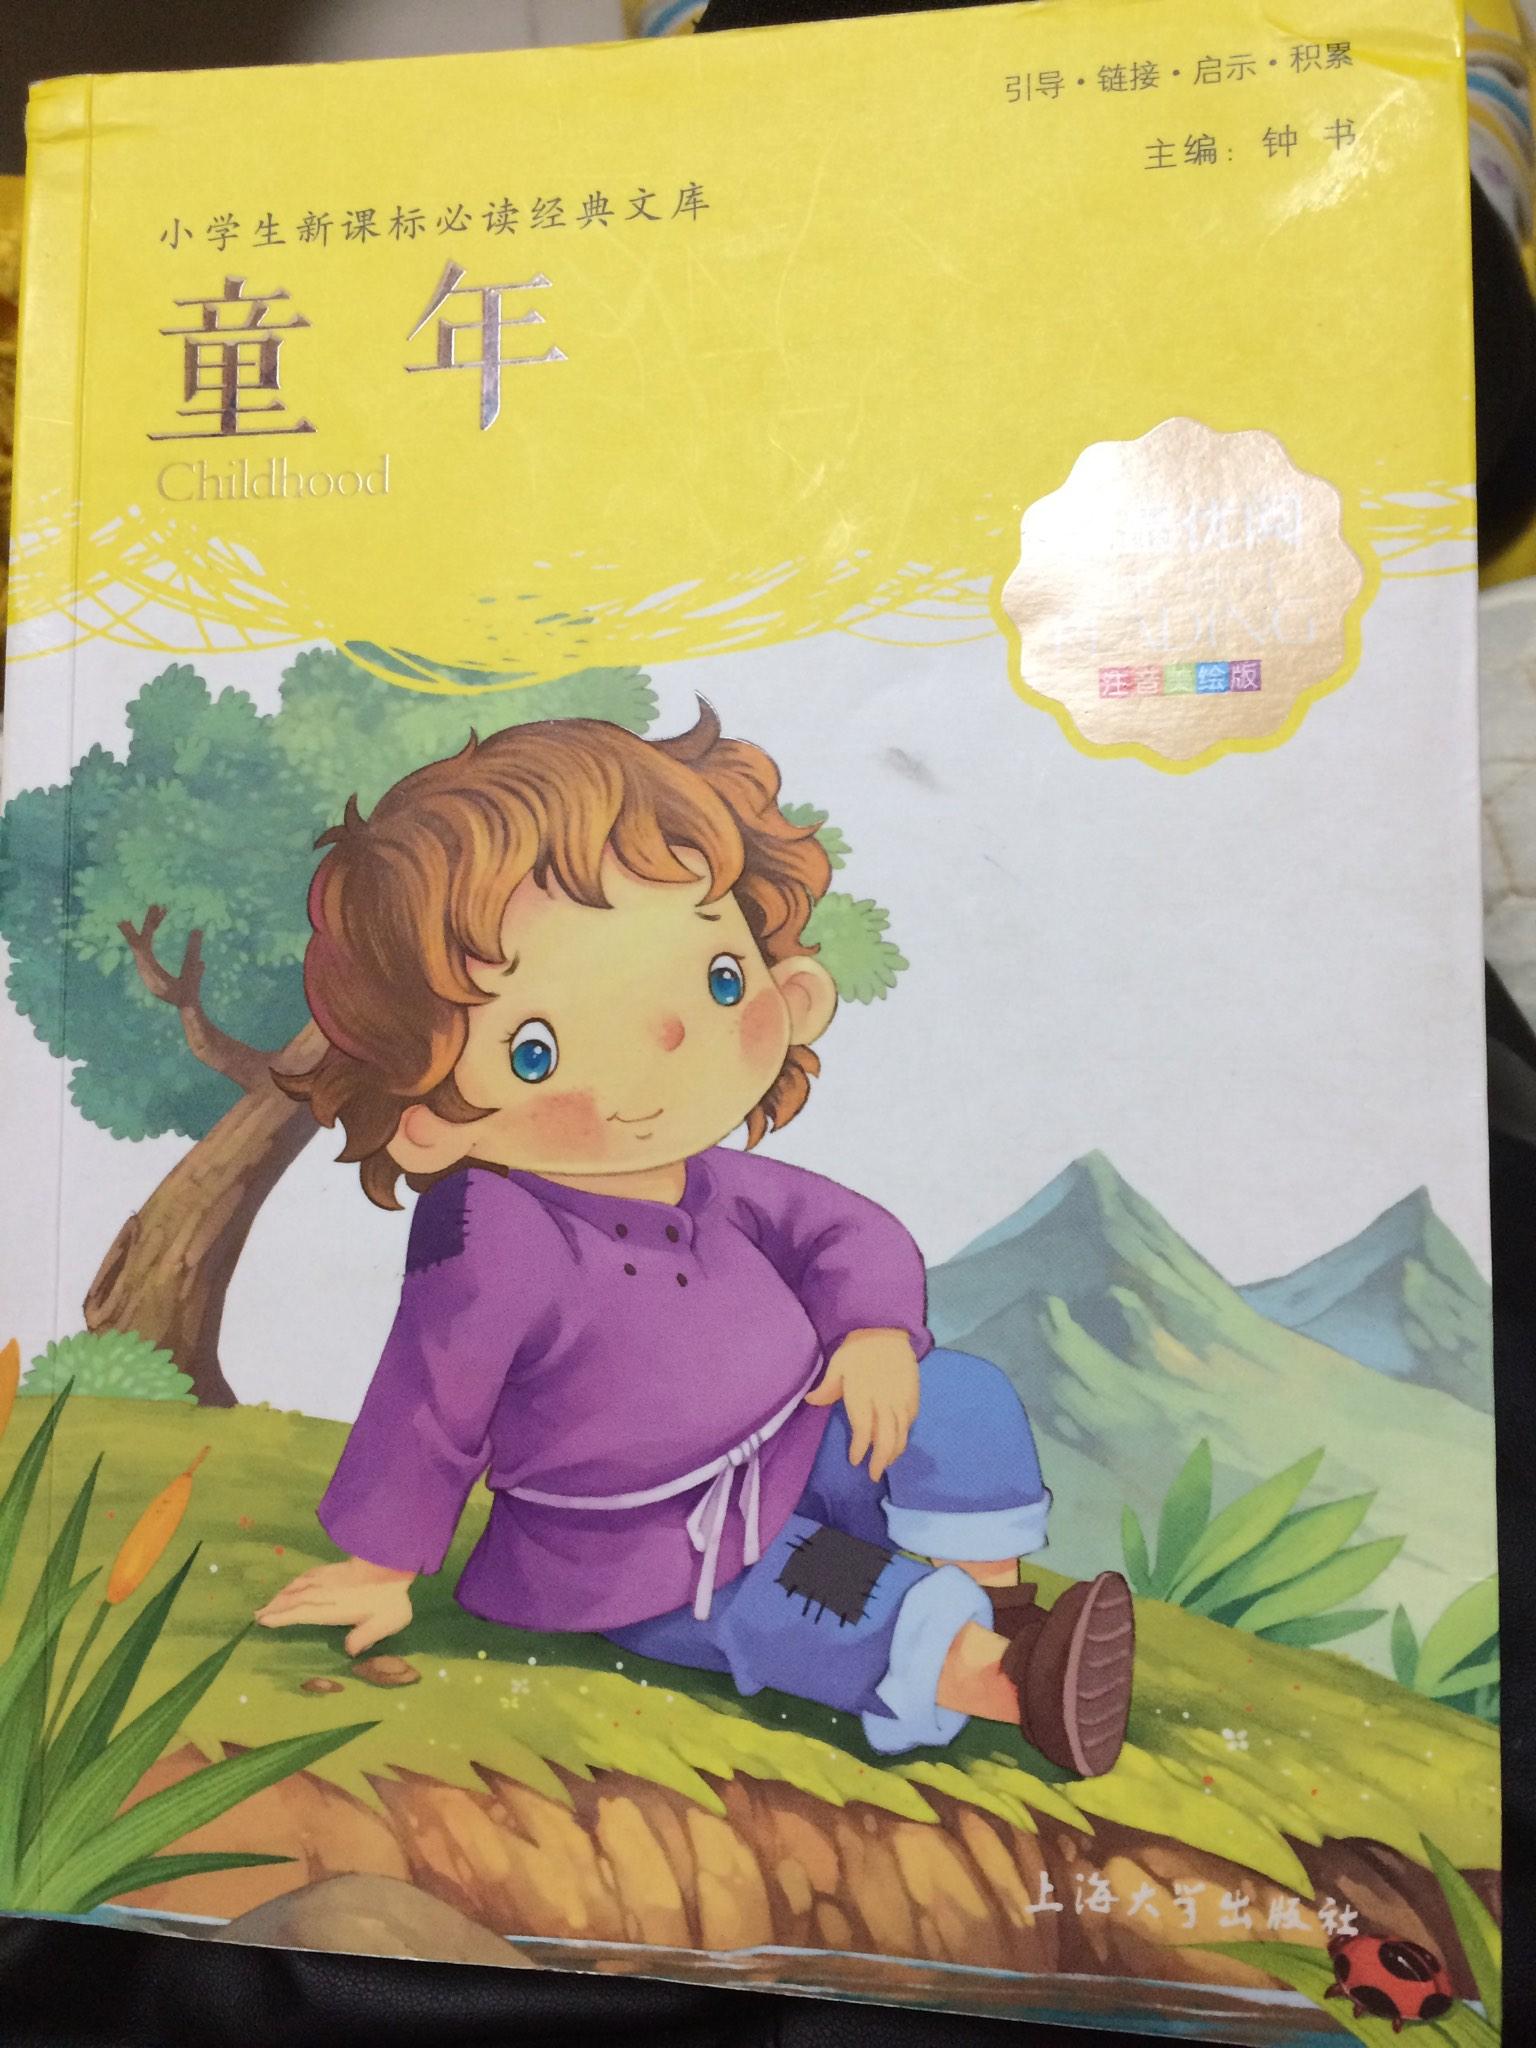 童年-高尔基(7-10岁)